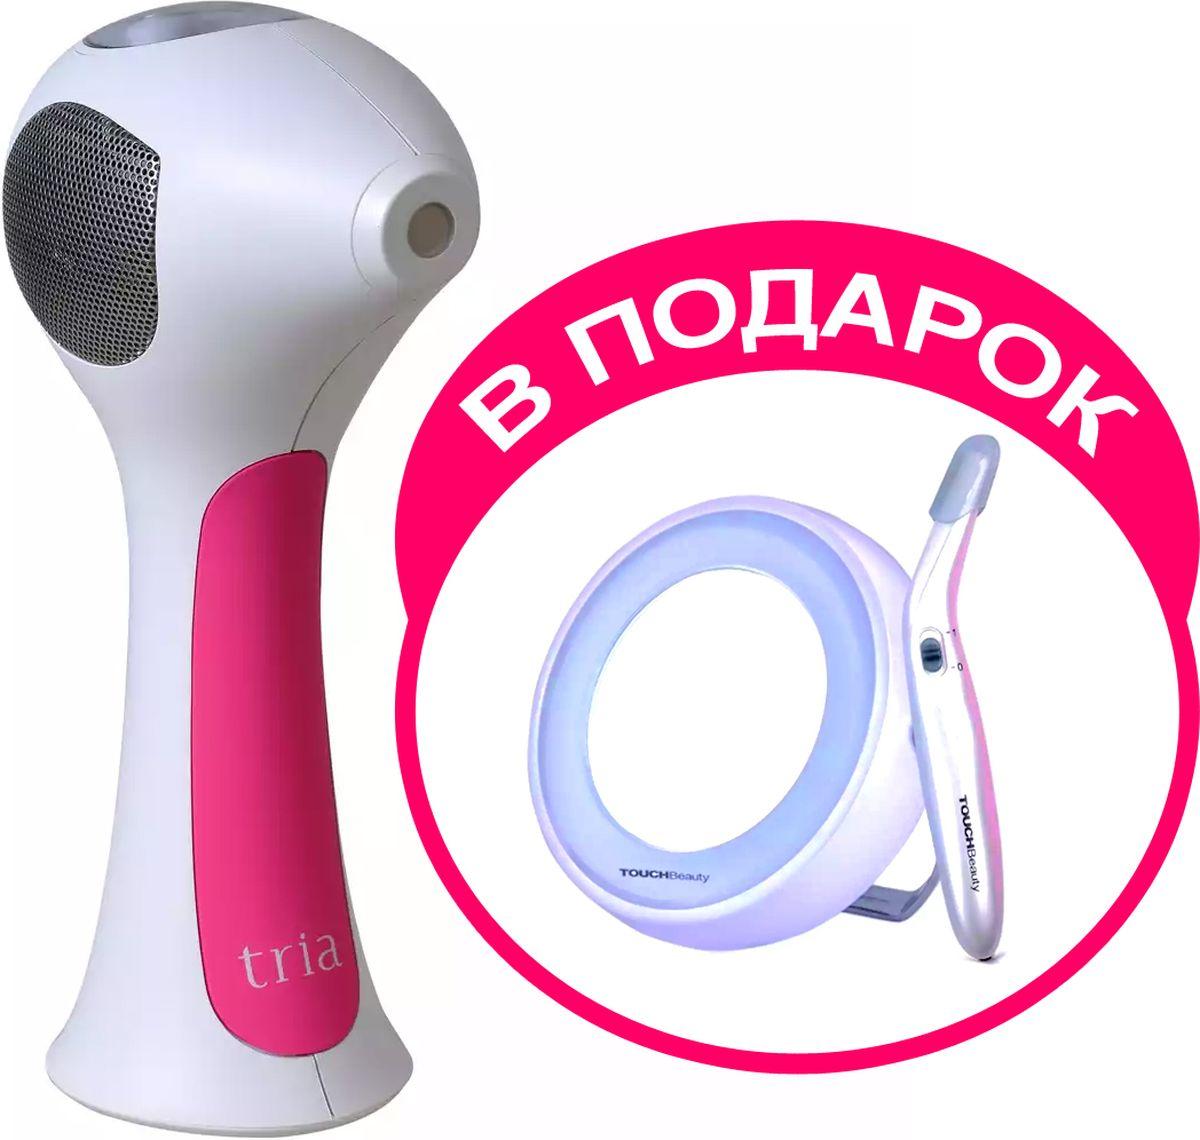 TRIA Лазерный эпилятор Hair Removal Laser 4X + ПОДАРОК! Косметический набор TOUCHBEAUTY AS-1001812438020310Лазерный эпилятор для домашнего использования. Это устройство для удаления нежелательных волос, адаптированное для безопасного использования в комфортной домашней обстановке. Гарантирует гладкую кожу и быстрое сокращение роста волос после полного курса применения. Беспроводная система идеальна для использования на теле и лице. С помощью зарядного устройства зарядите лазер, а затем пользуйтесь им в любом месте, где вам удобнее всего. Аппликатор излучает лазерный свет во время применения. Точность аппликатора обеспечивает безопасность применения для труднодоступных мест. Прибор всегда готов к работе. Без дополнительных картриджей! Не нужно покупать дополнительные запасные части в дальнейшем, никаких лишних расходов! Индивидуальная настройка уровня энергии: 5 настроек интенсивности светового импульса. Счетчик импульсов считает количество импульсов за процедуру для достижения максимальных результатов. Датчик типа кожи - функция, которая разблокирует устройство для безопасного использования. Защита от использования на темной коже. ЖК дисплей. Индикатор зарядки батареи